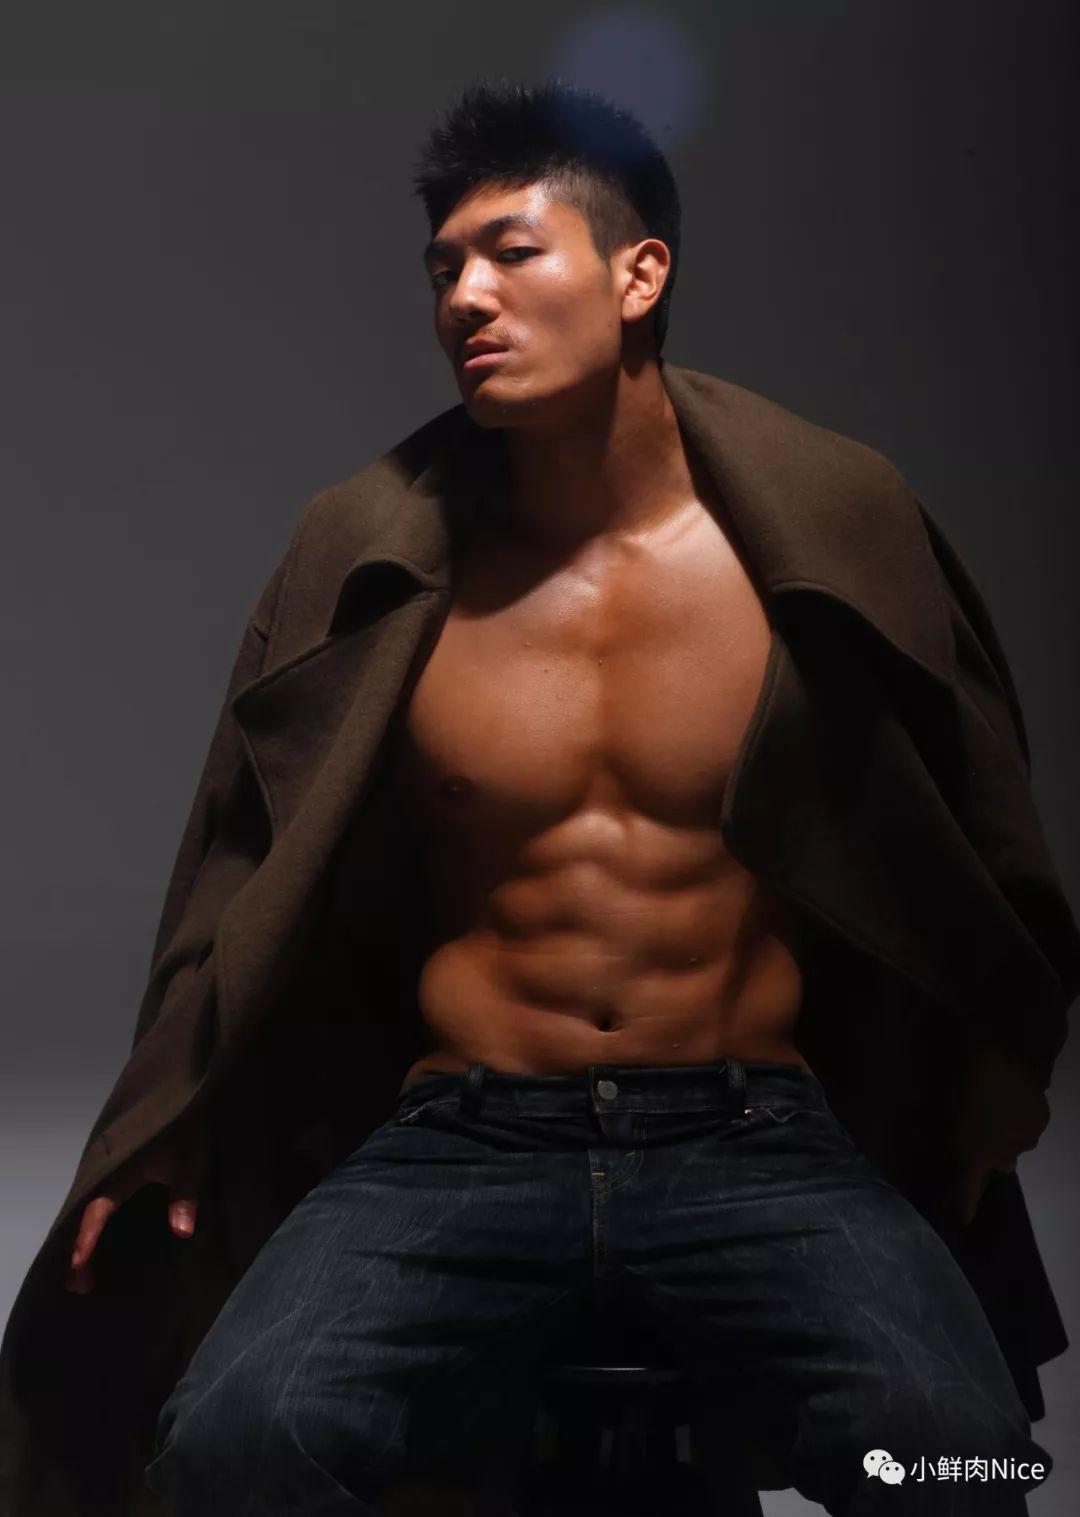 北京最性感的爷们!看看什么叫雄性味道